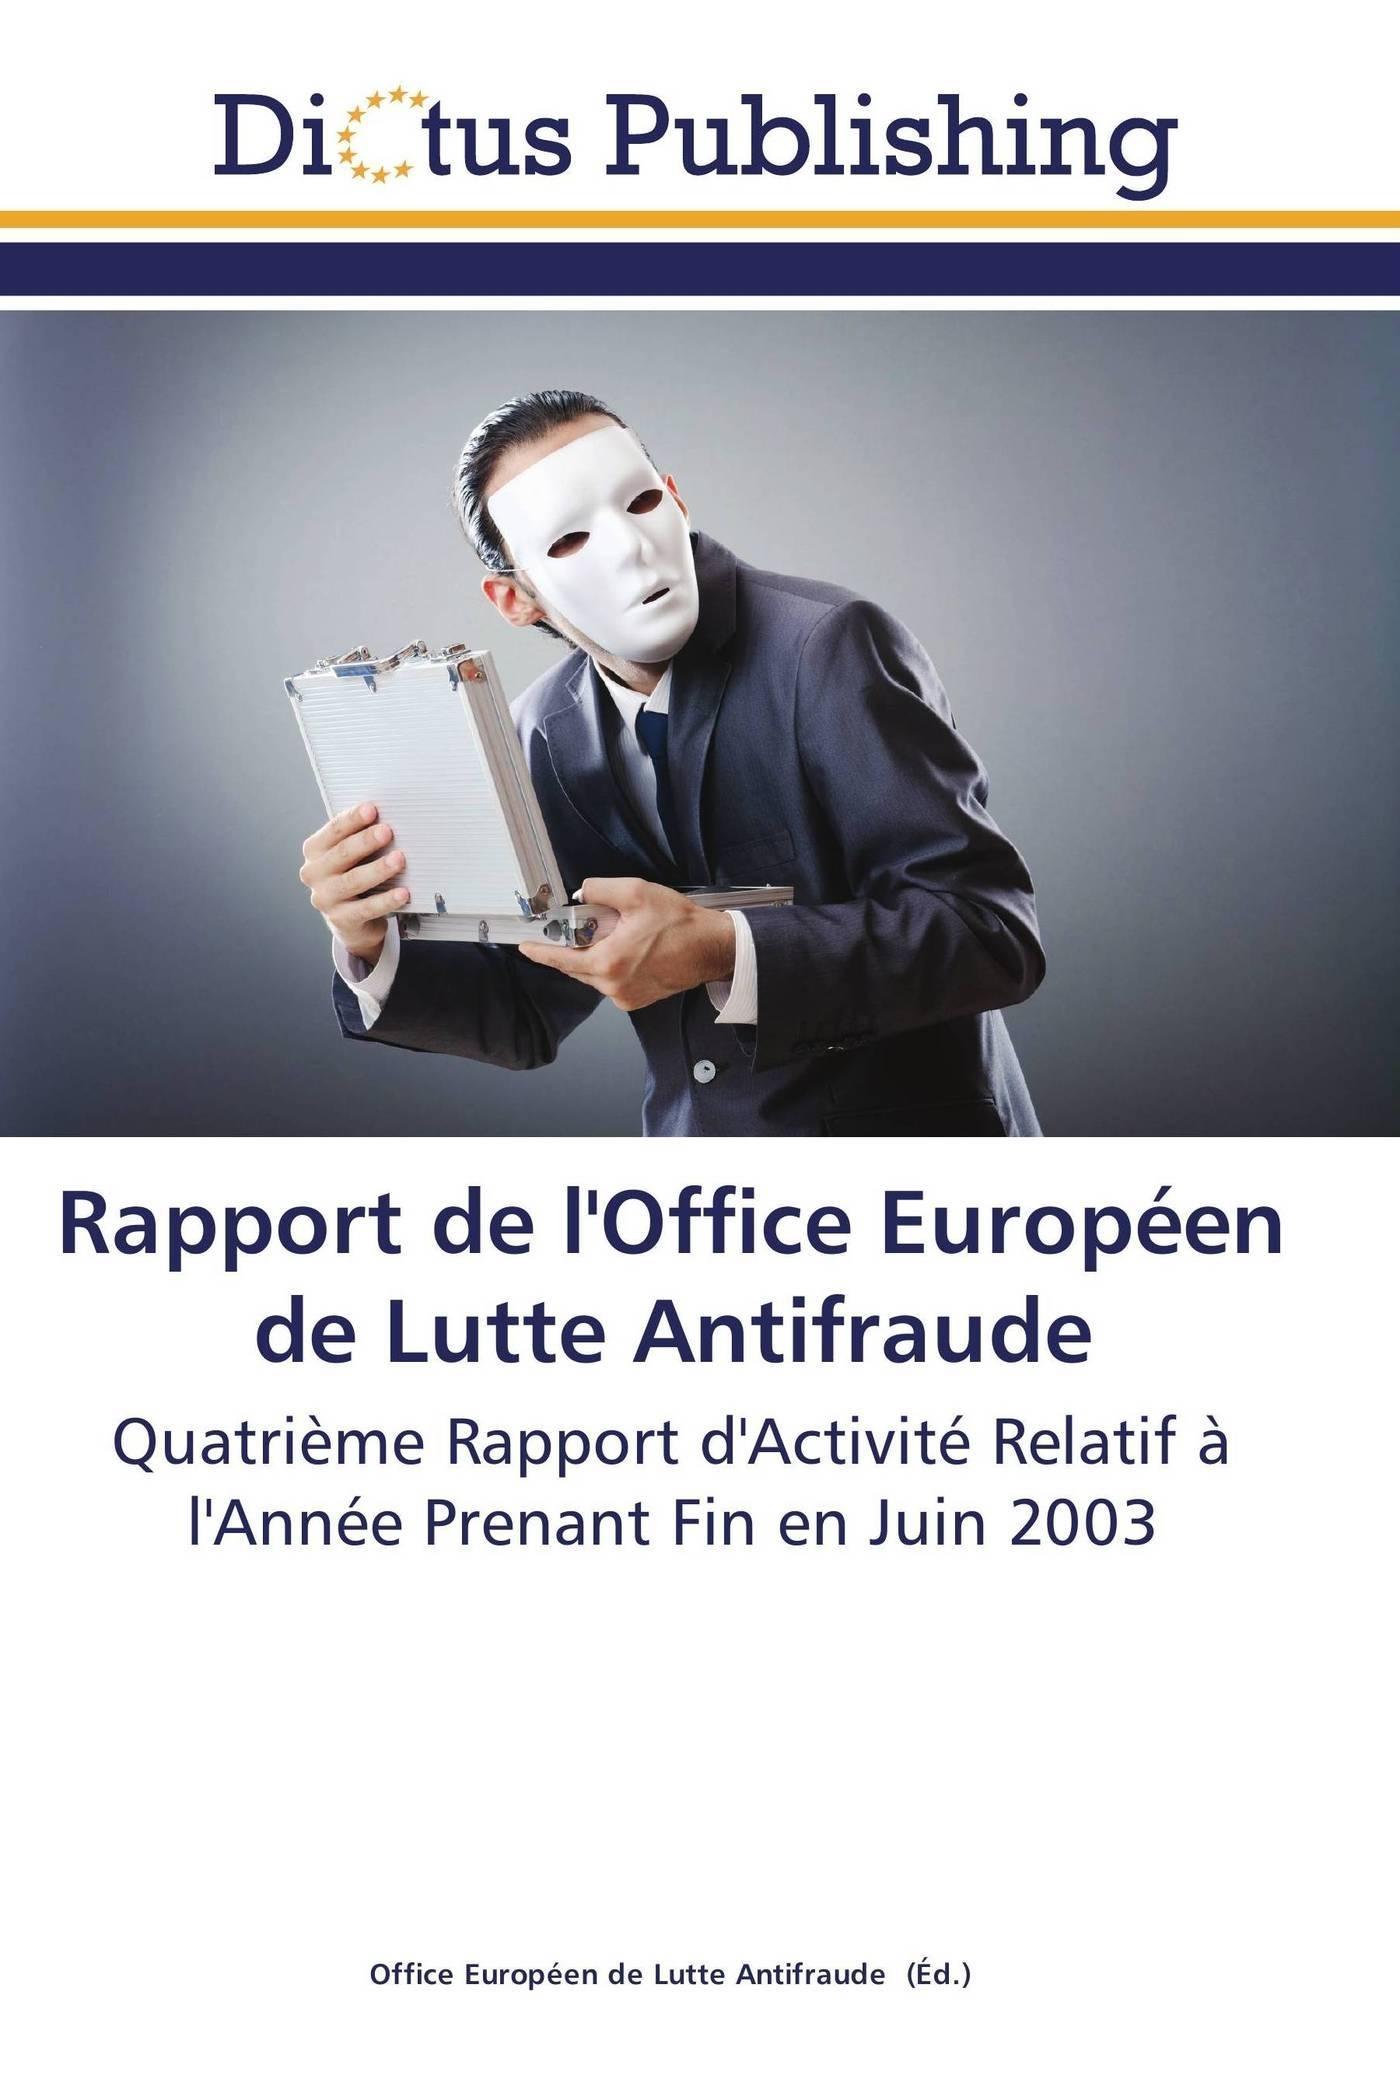 RAPPORT DE L'OFFICE EUROPEEN DE LUTTE ANTIFRAUDE